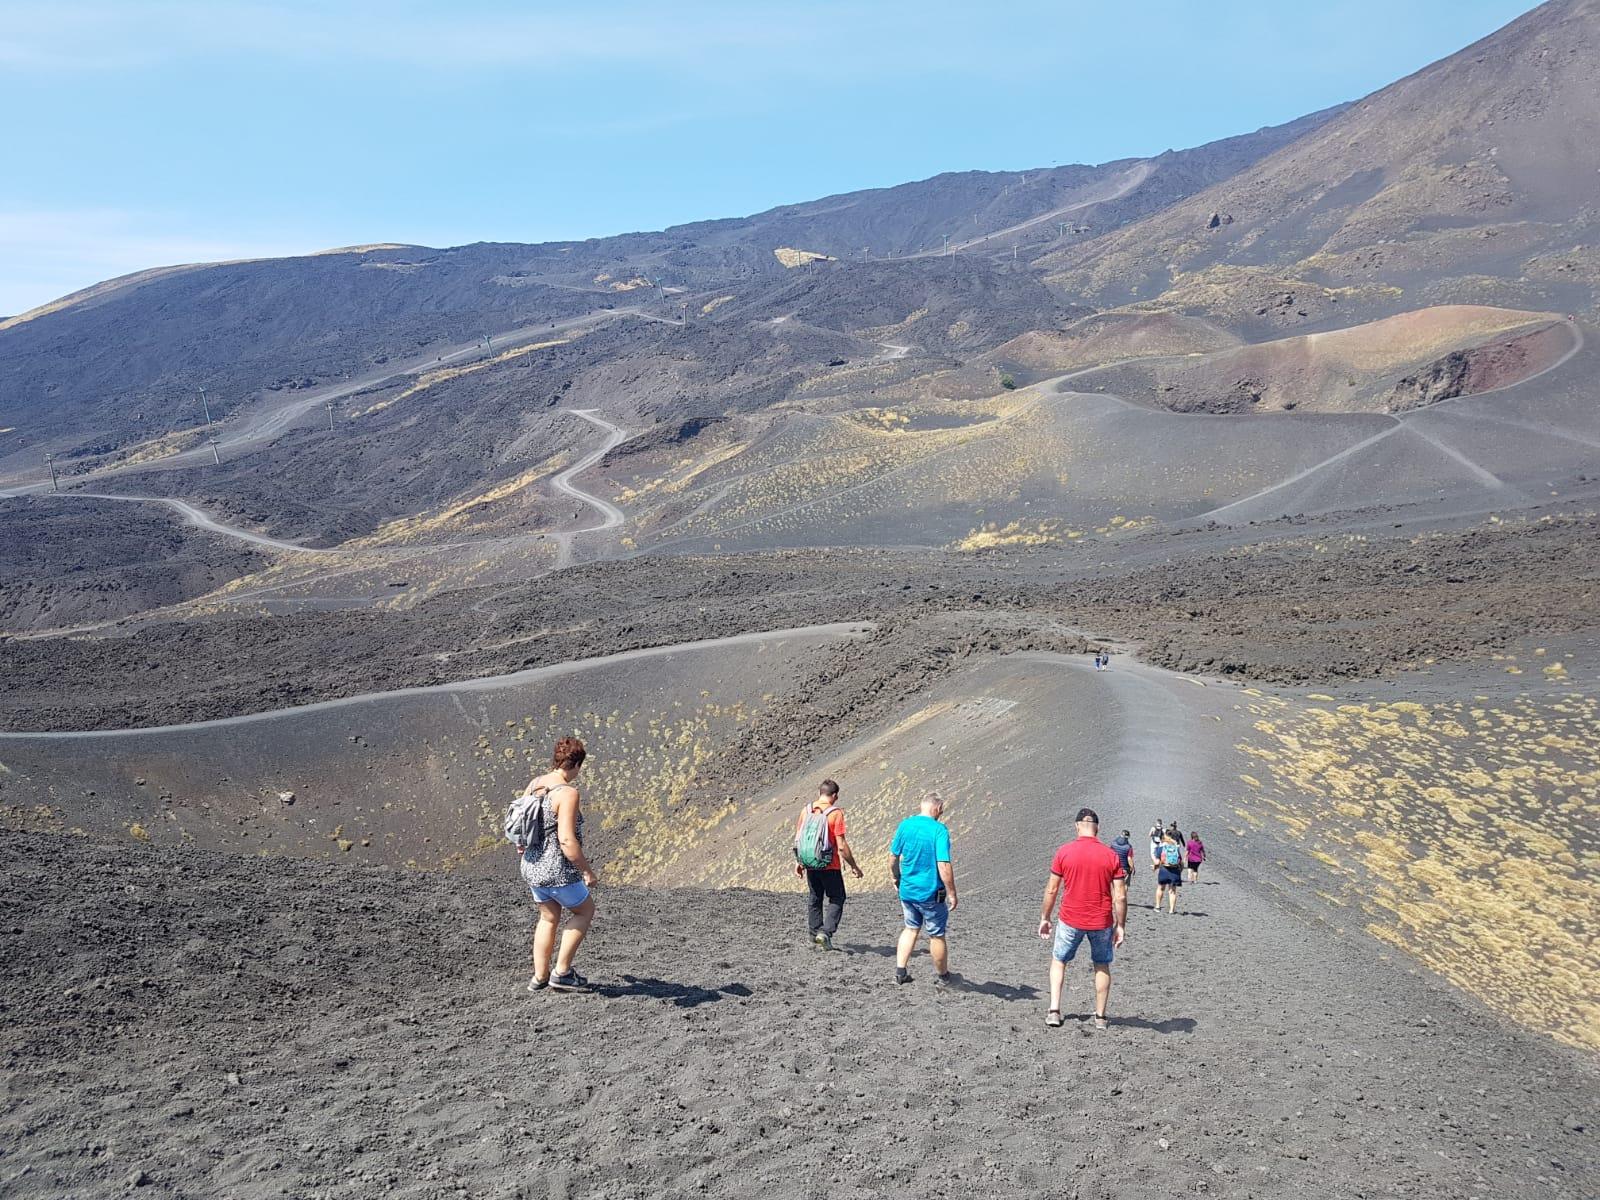 Silvestri krater wandelpad naar beneden vanaf de grote krater